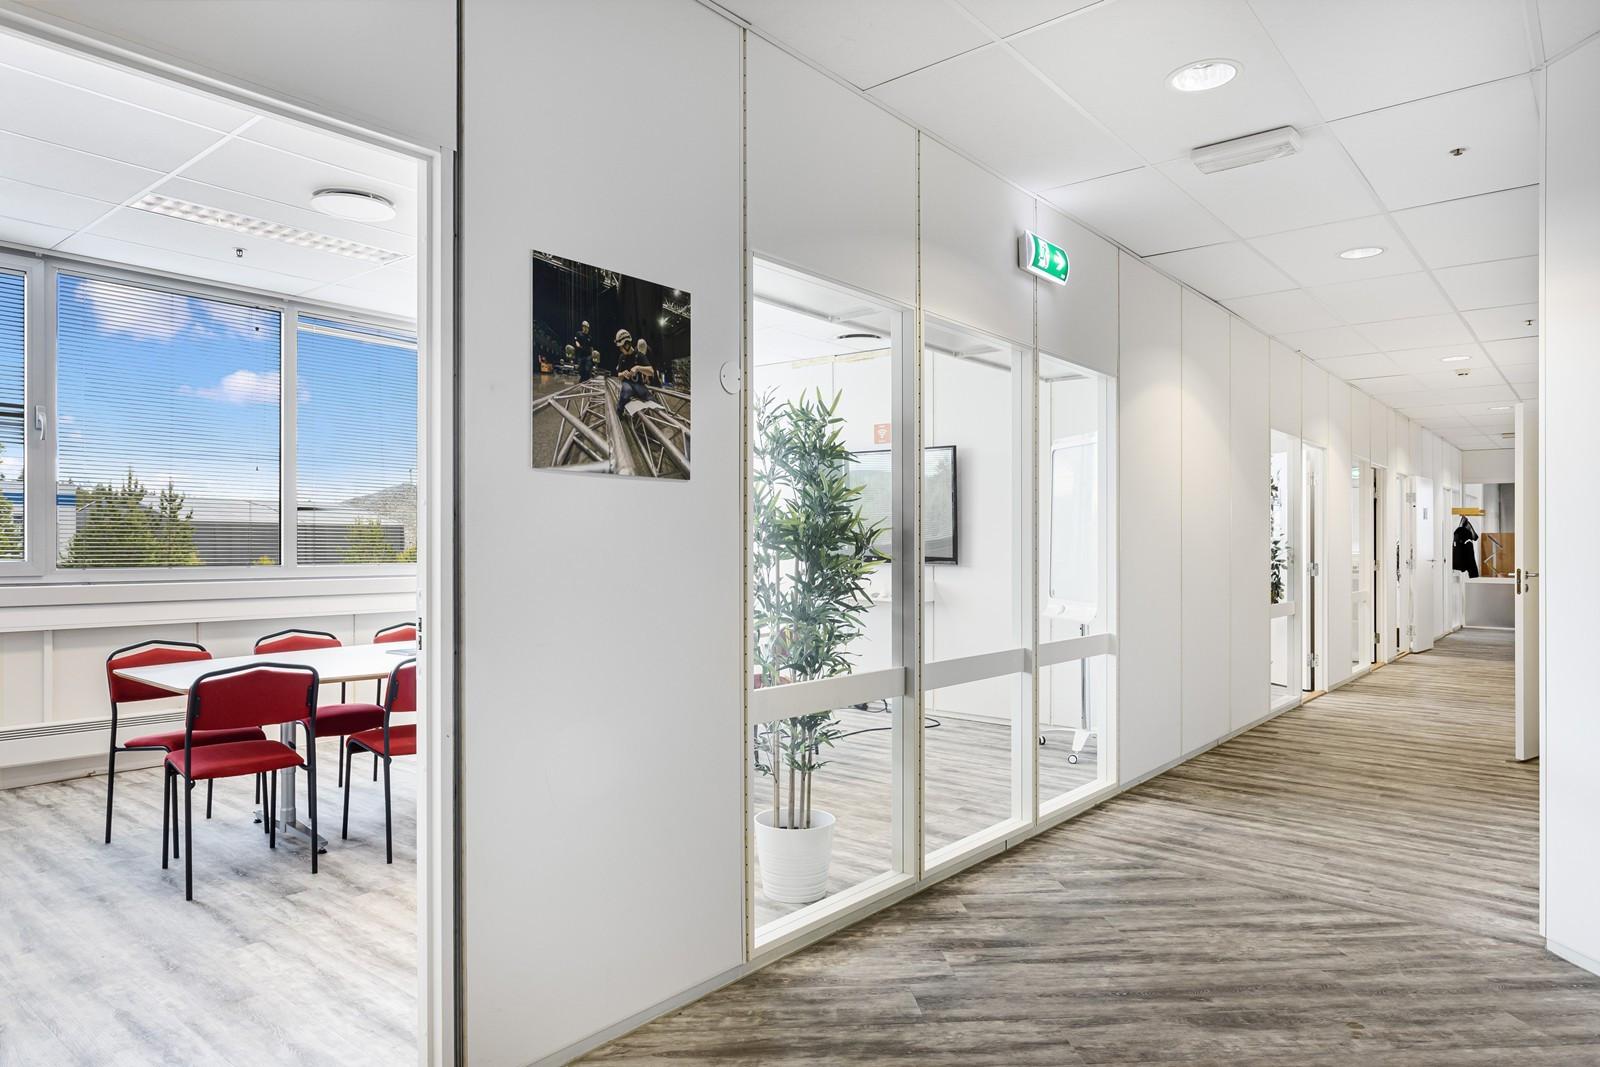 Utstrakt bruk av glass mellom møterom/kontor og til gang-/fellesarealer